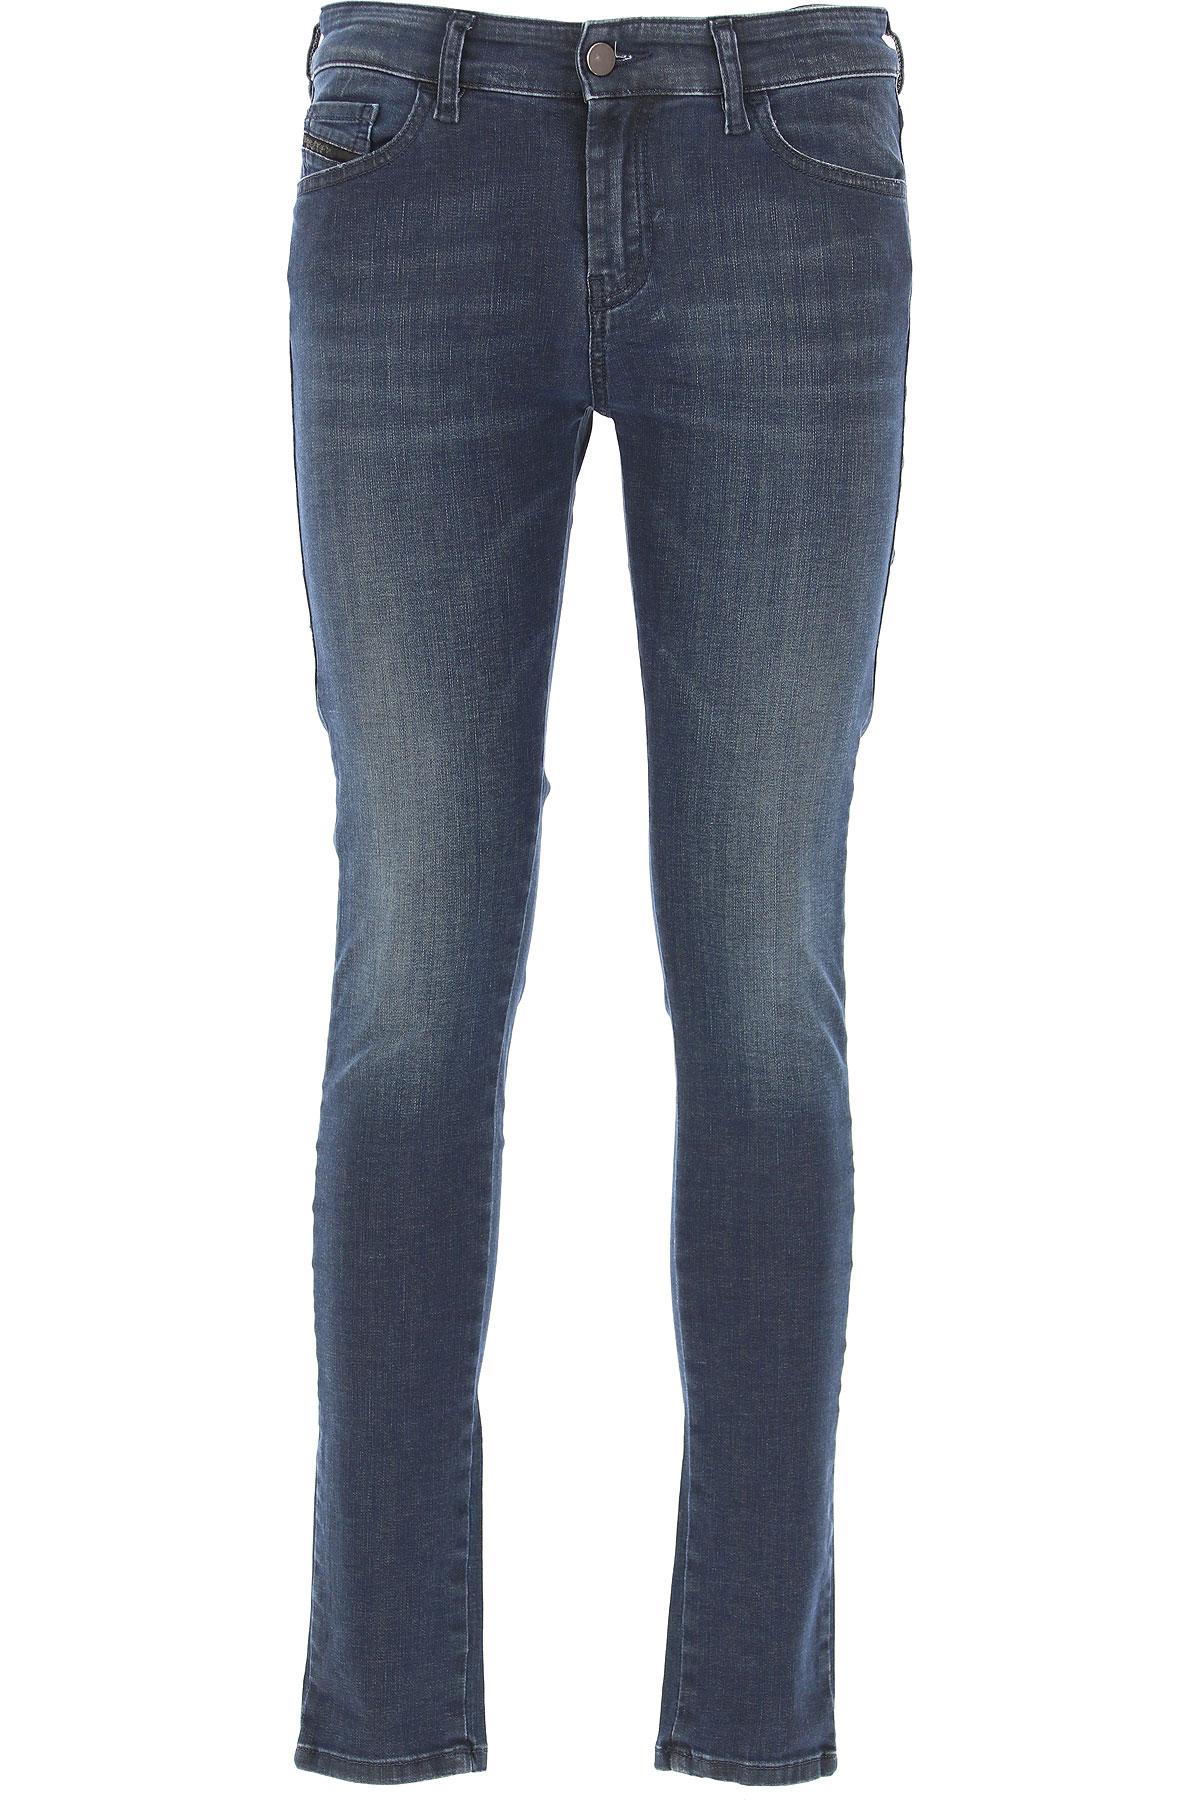 Diesel Jeans On Sale, Dark Blue, Cotton, 2017, 26 27 28 29 30 31 32